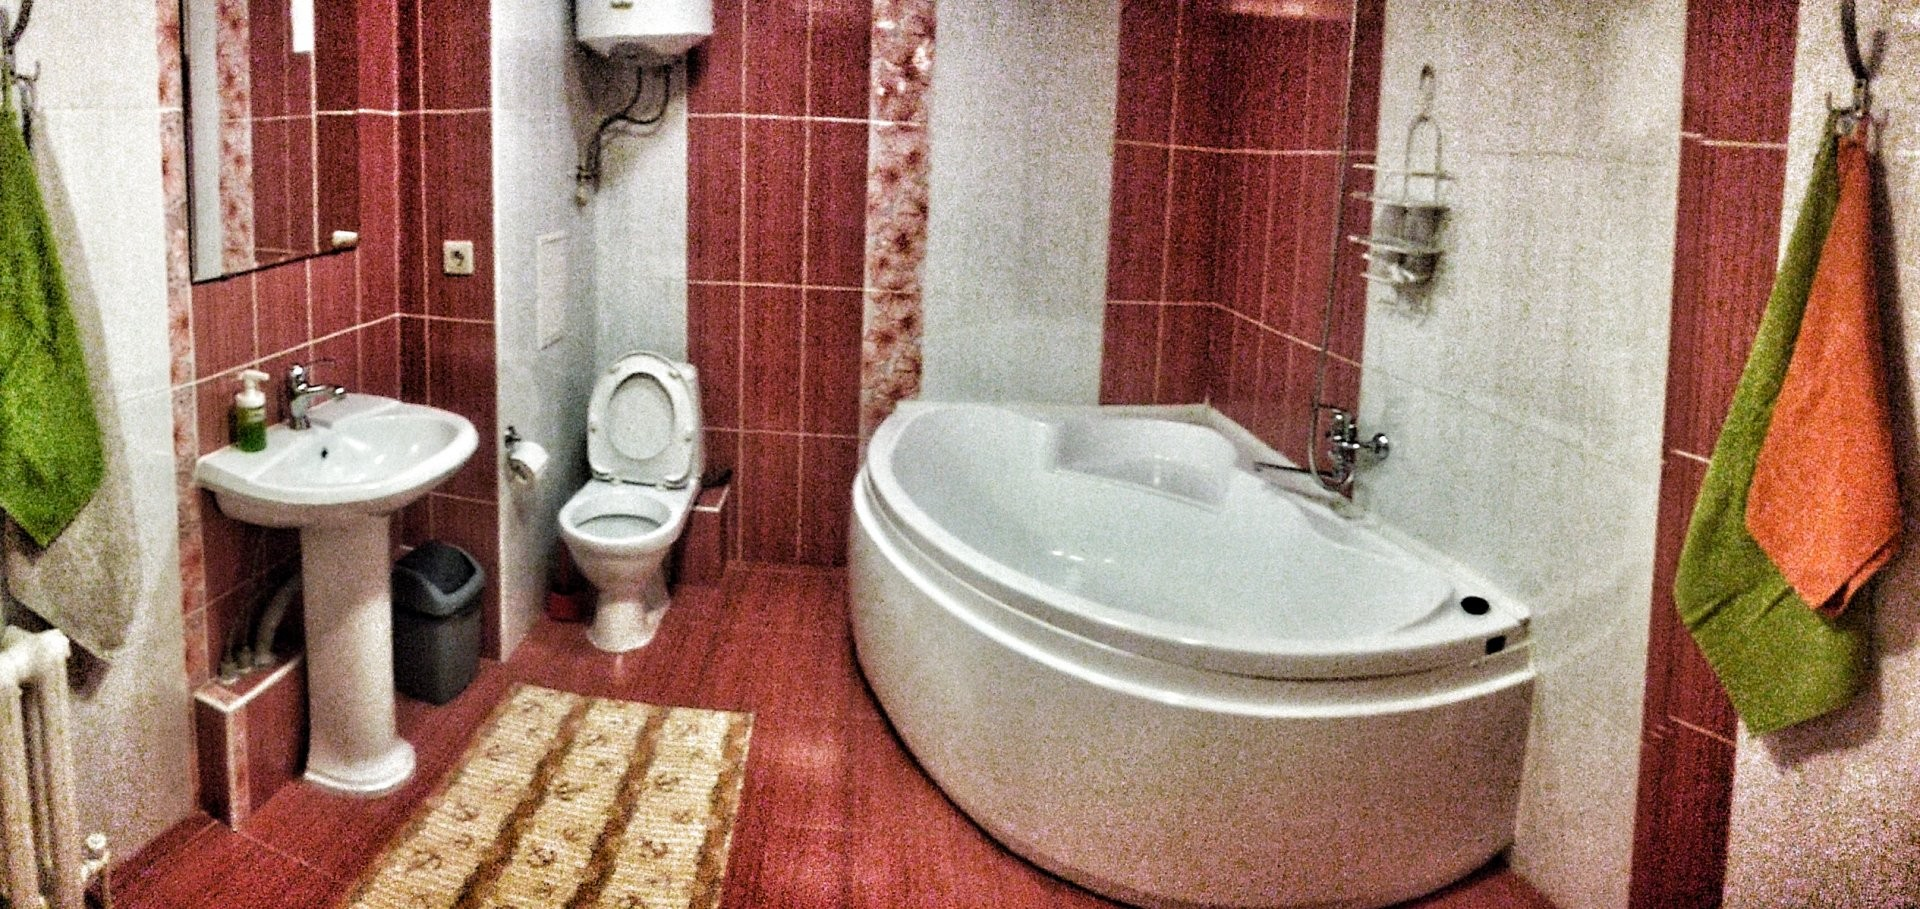 Мальта, гостиничный комплекс - №9